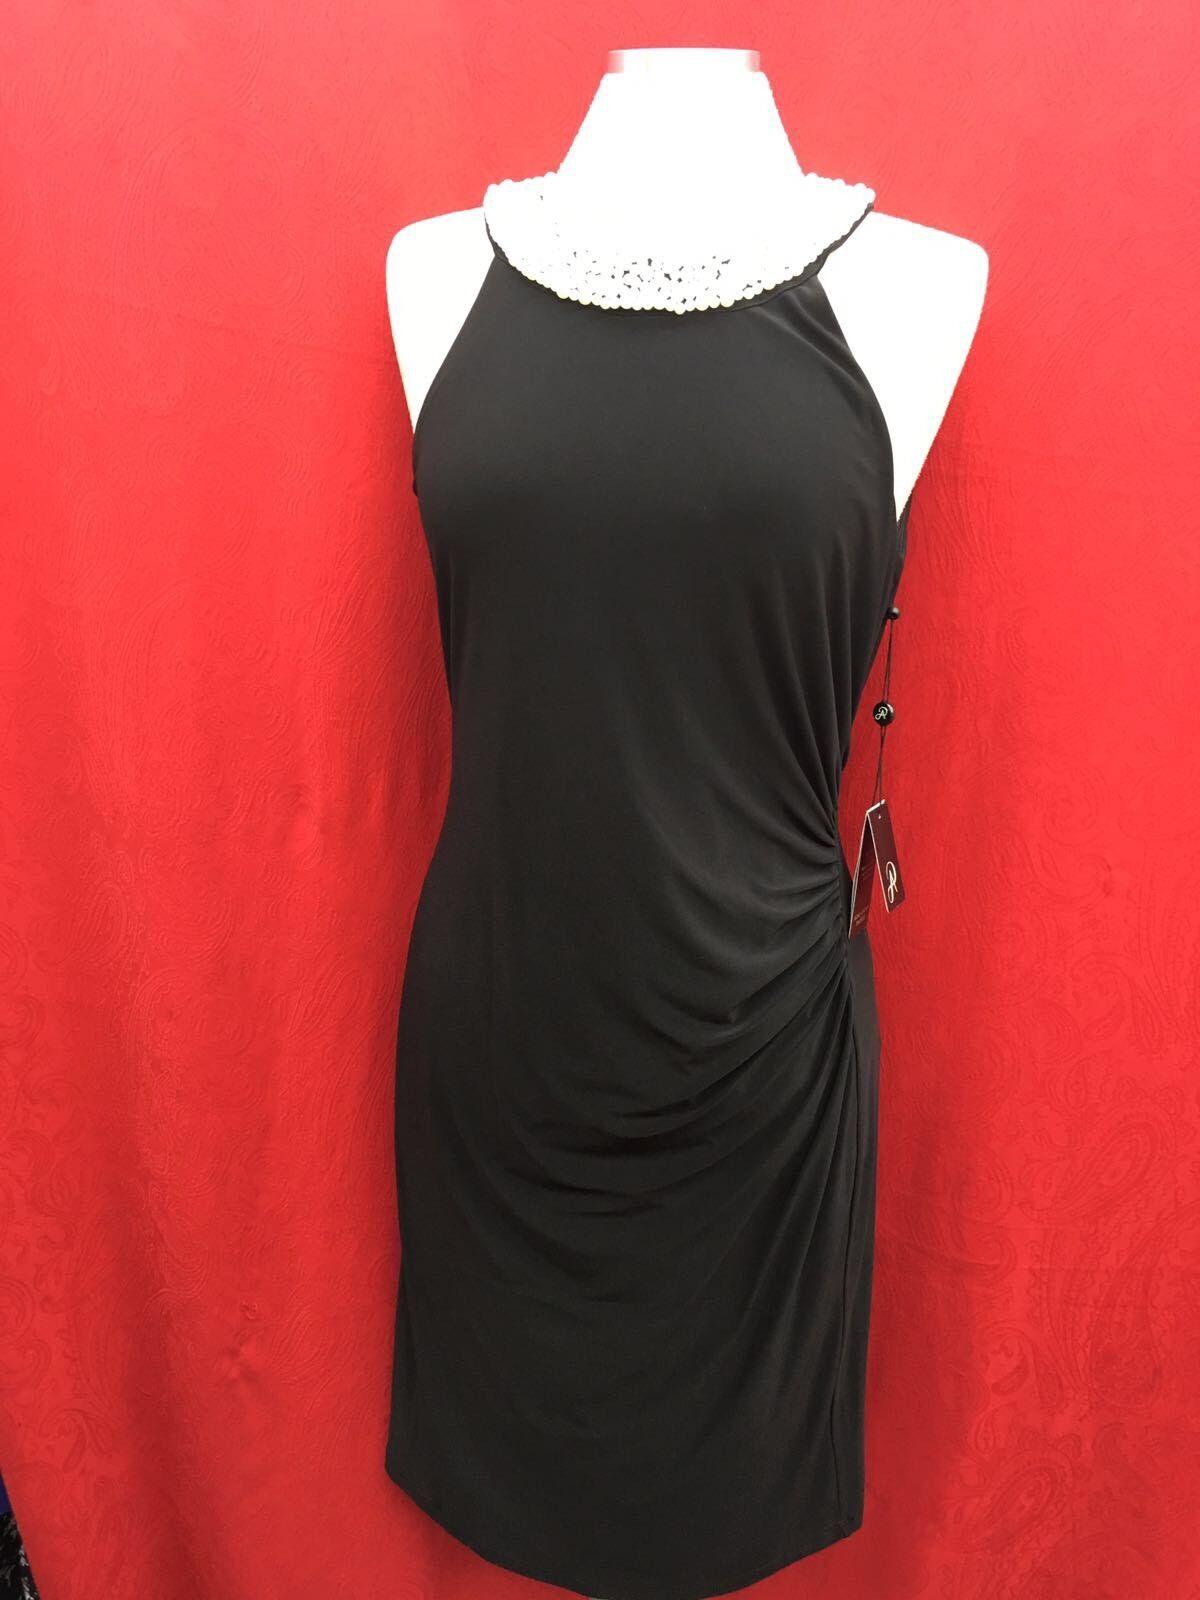 a4fdfffb769c27 Adrianna Papell Kleid mit Etikett Größe 8 Einzelhandel Stoff 99.1cm Neu  nvfgqp2362-Kleider